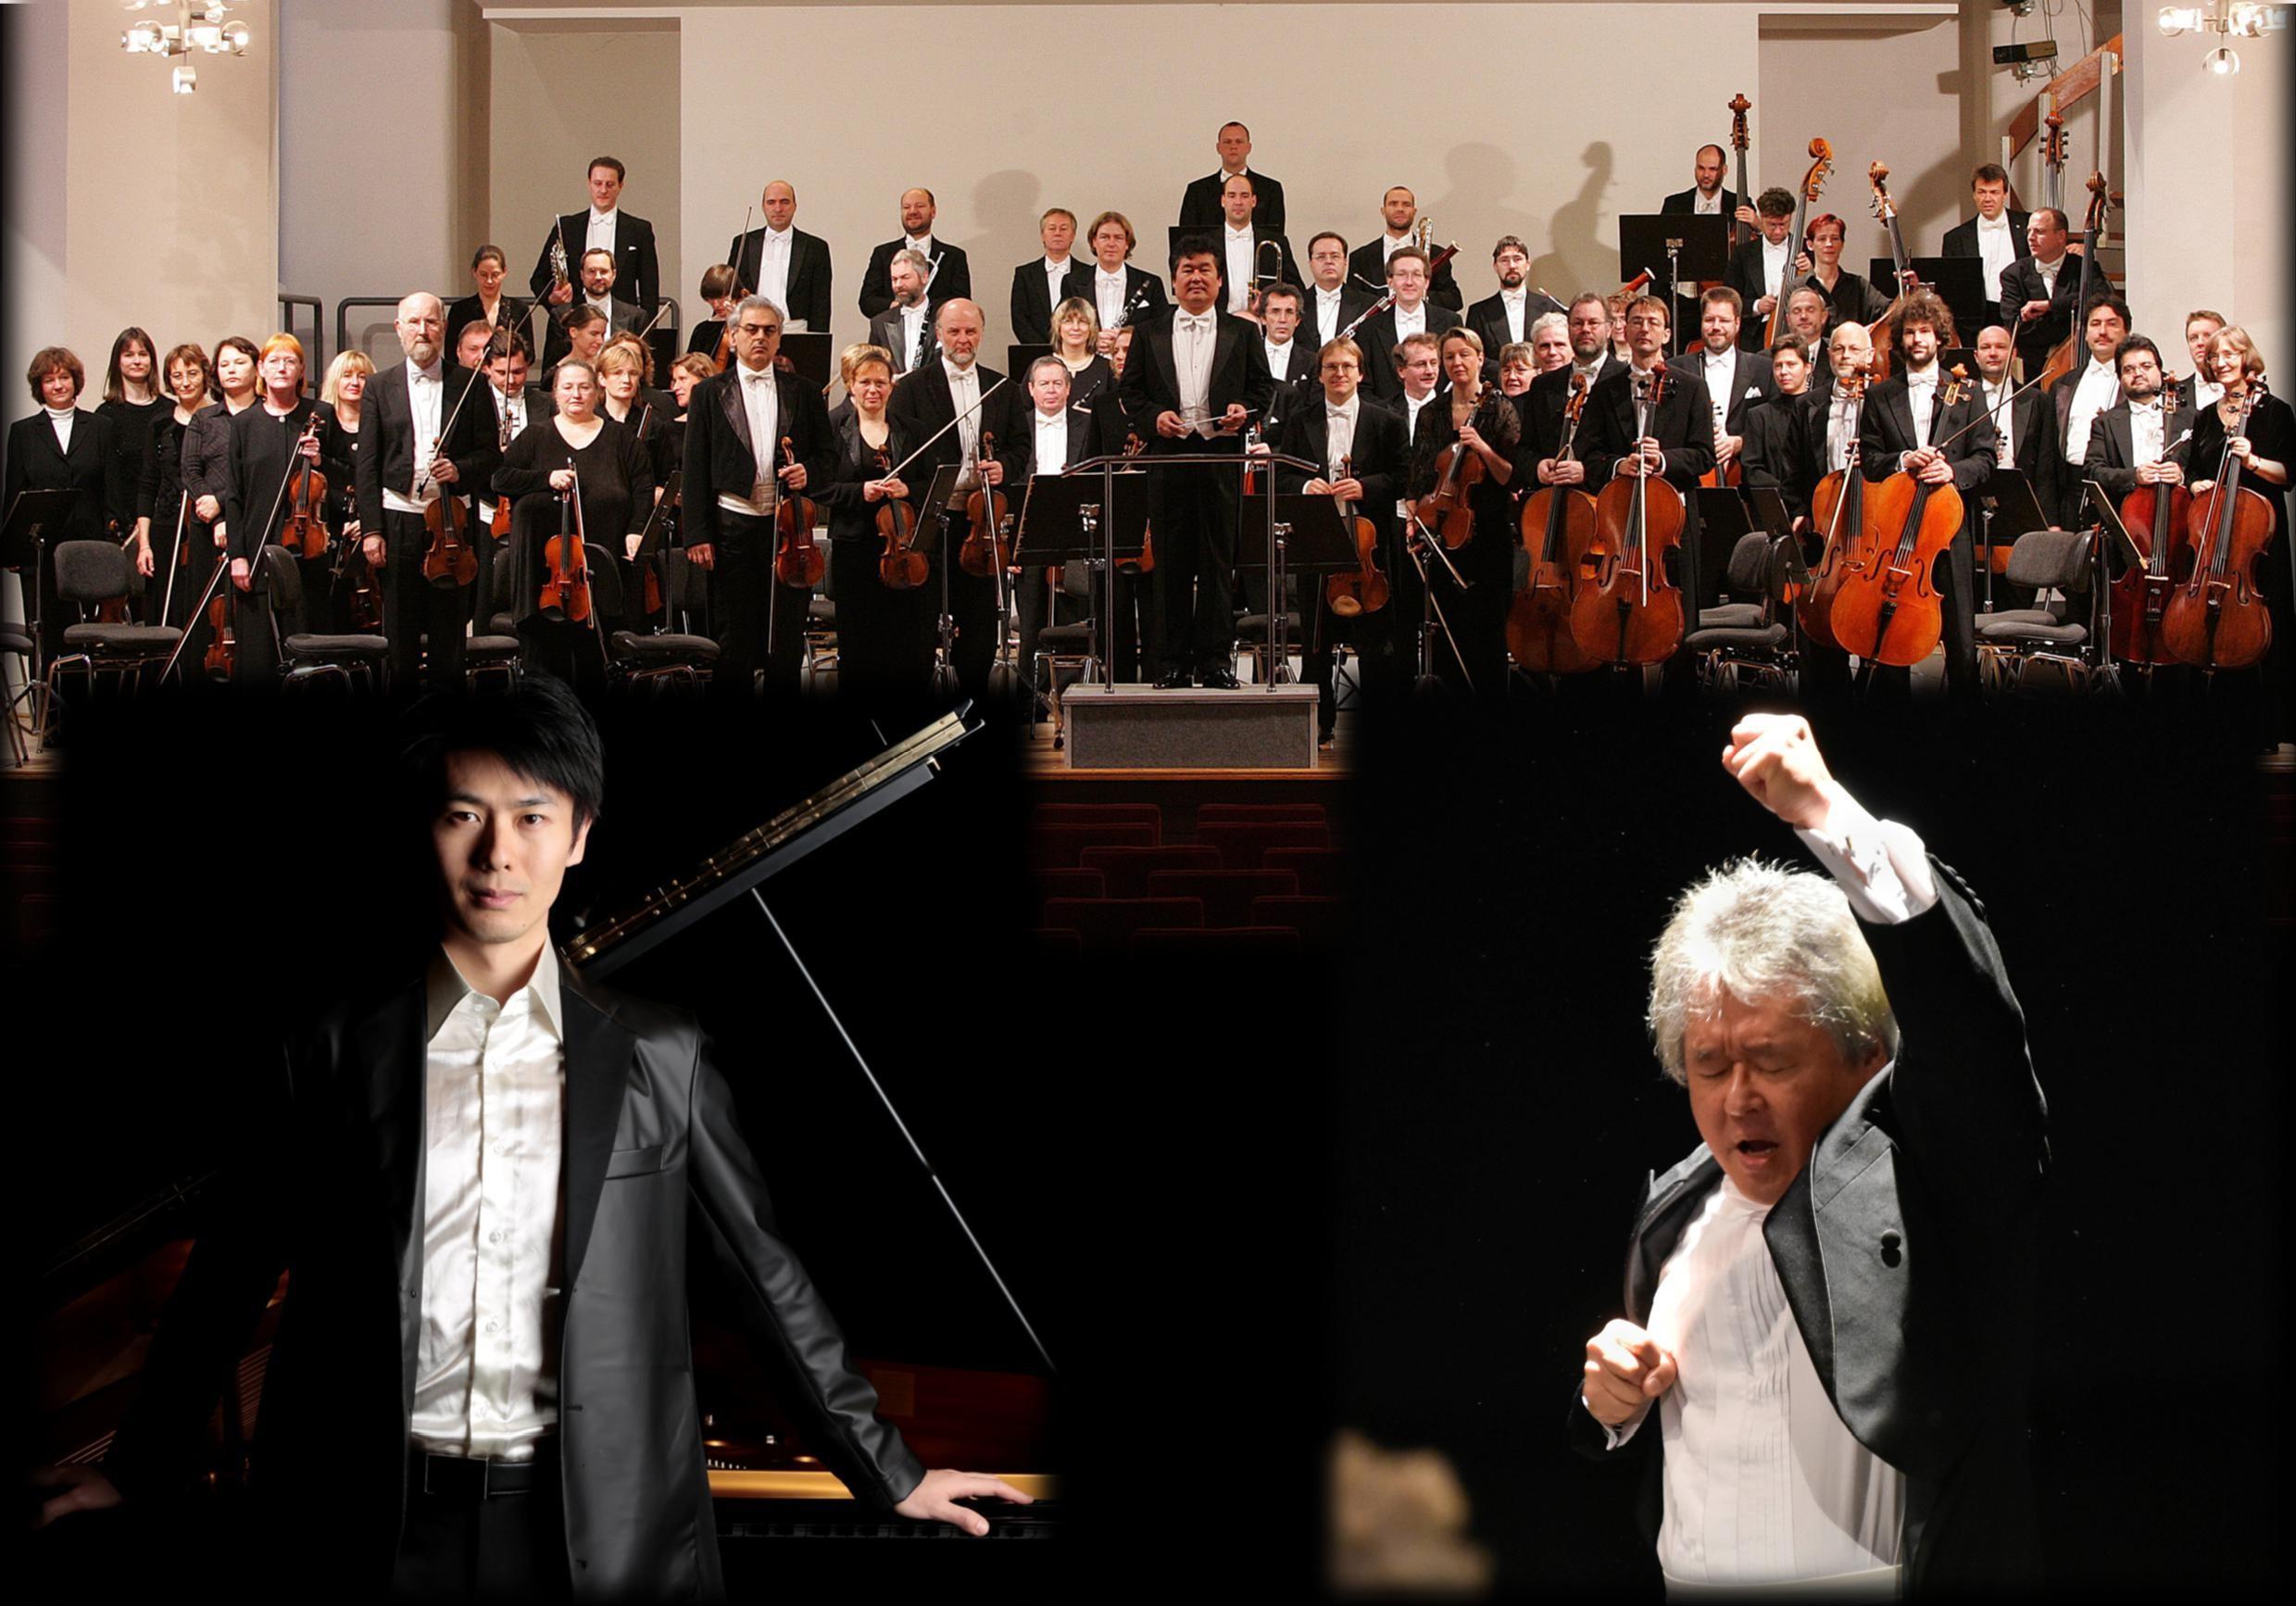 コンサートスケジュール_ブランデンブルグ国立管弦楽団フランクフルト